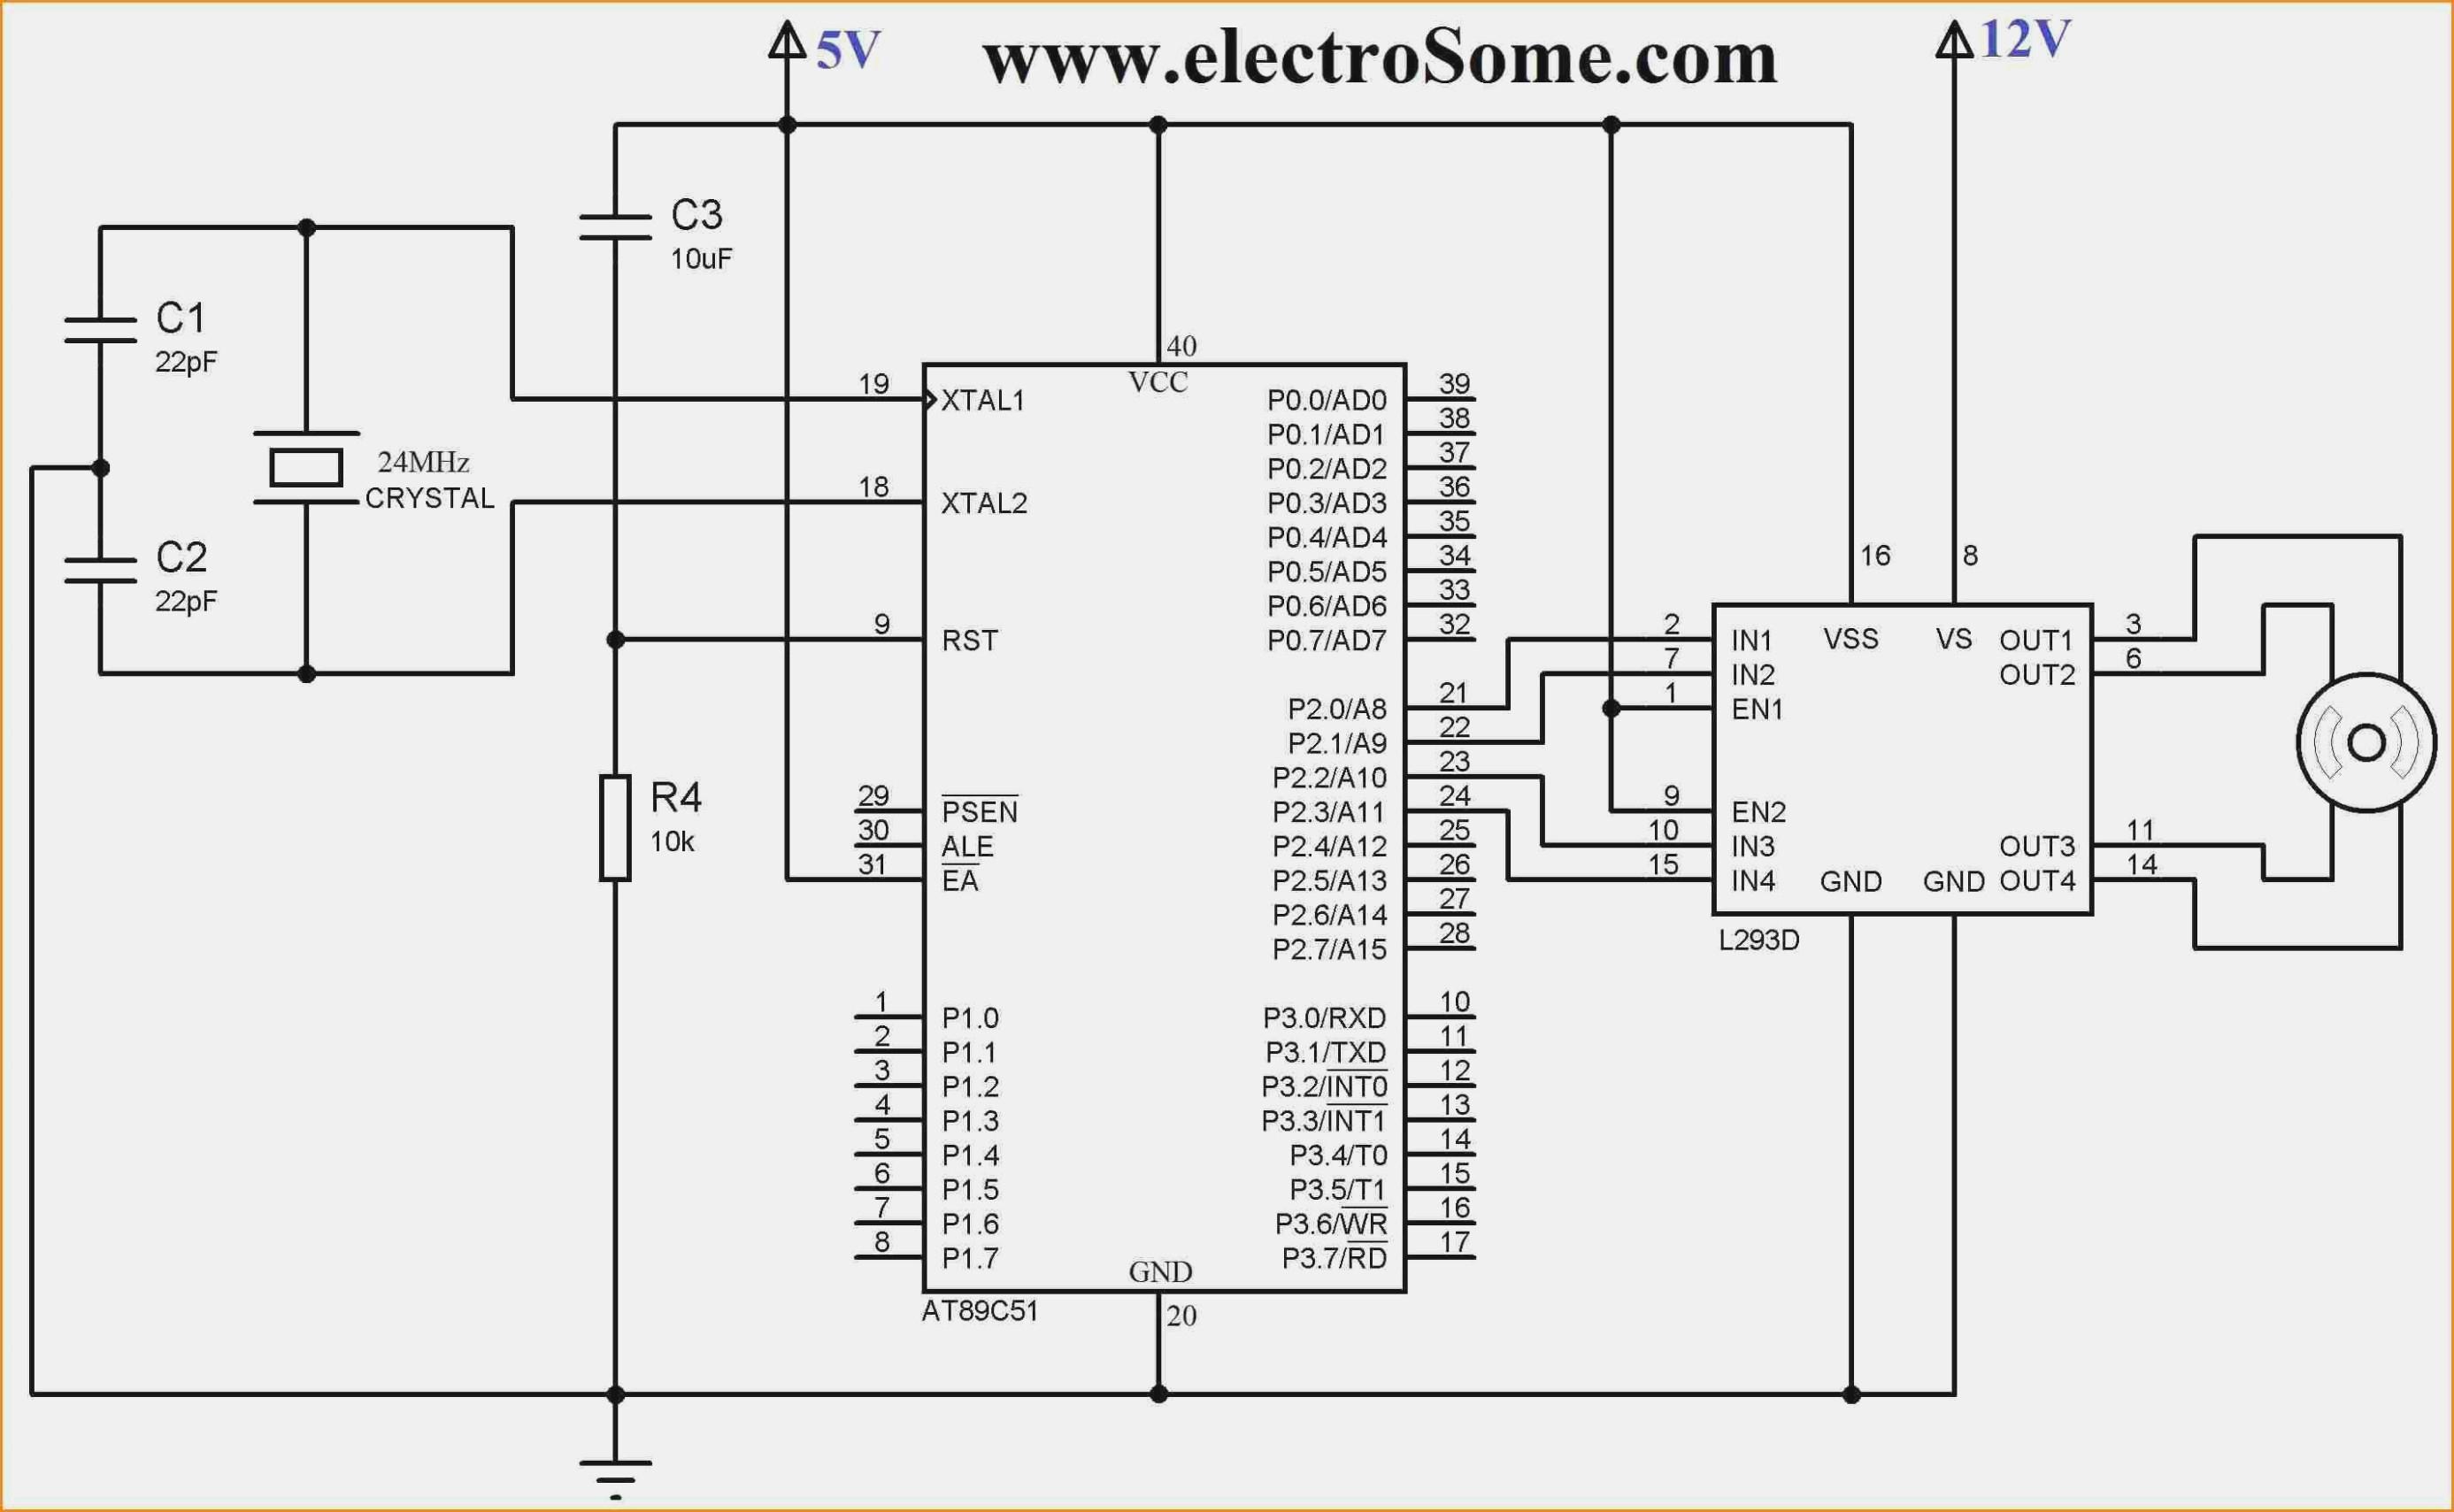 Pelco Ip Camera Rj45 Wiring Diagram | Wiring Diagram - Ip Camera Wiring Diagram